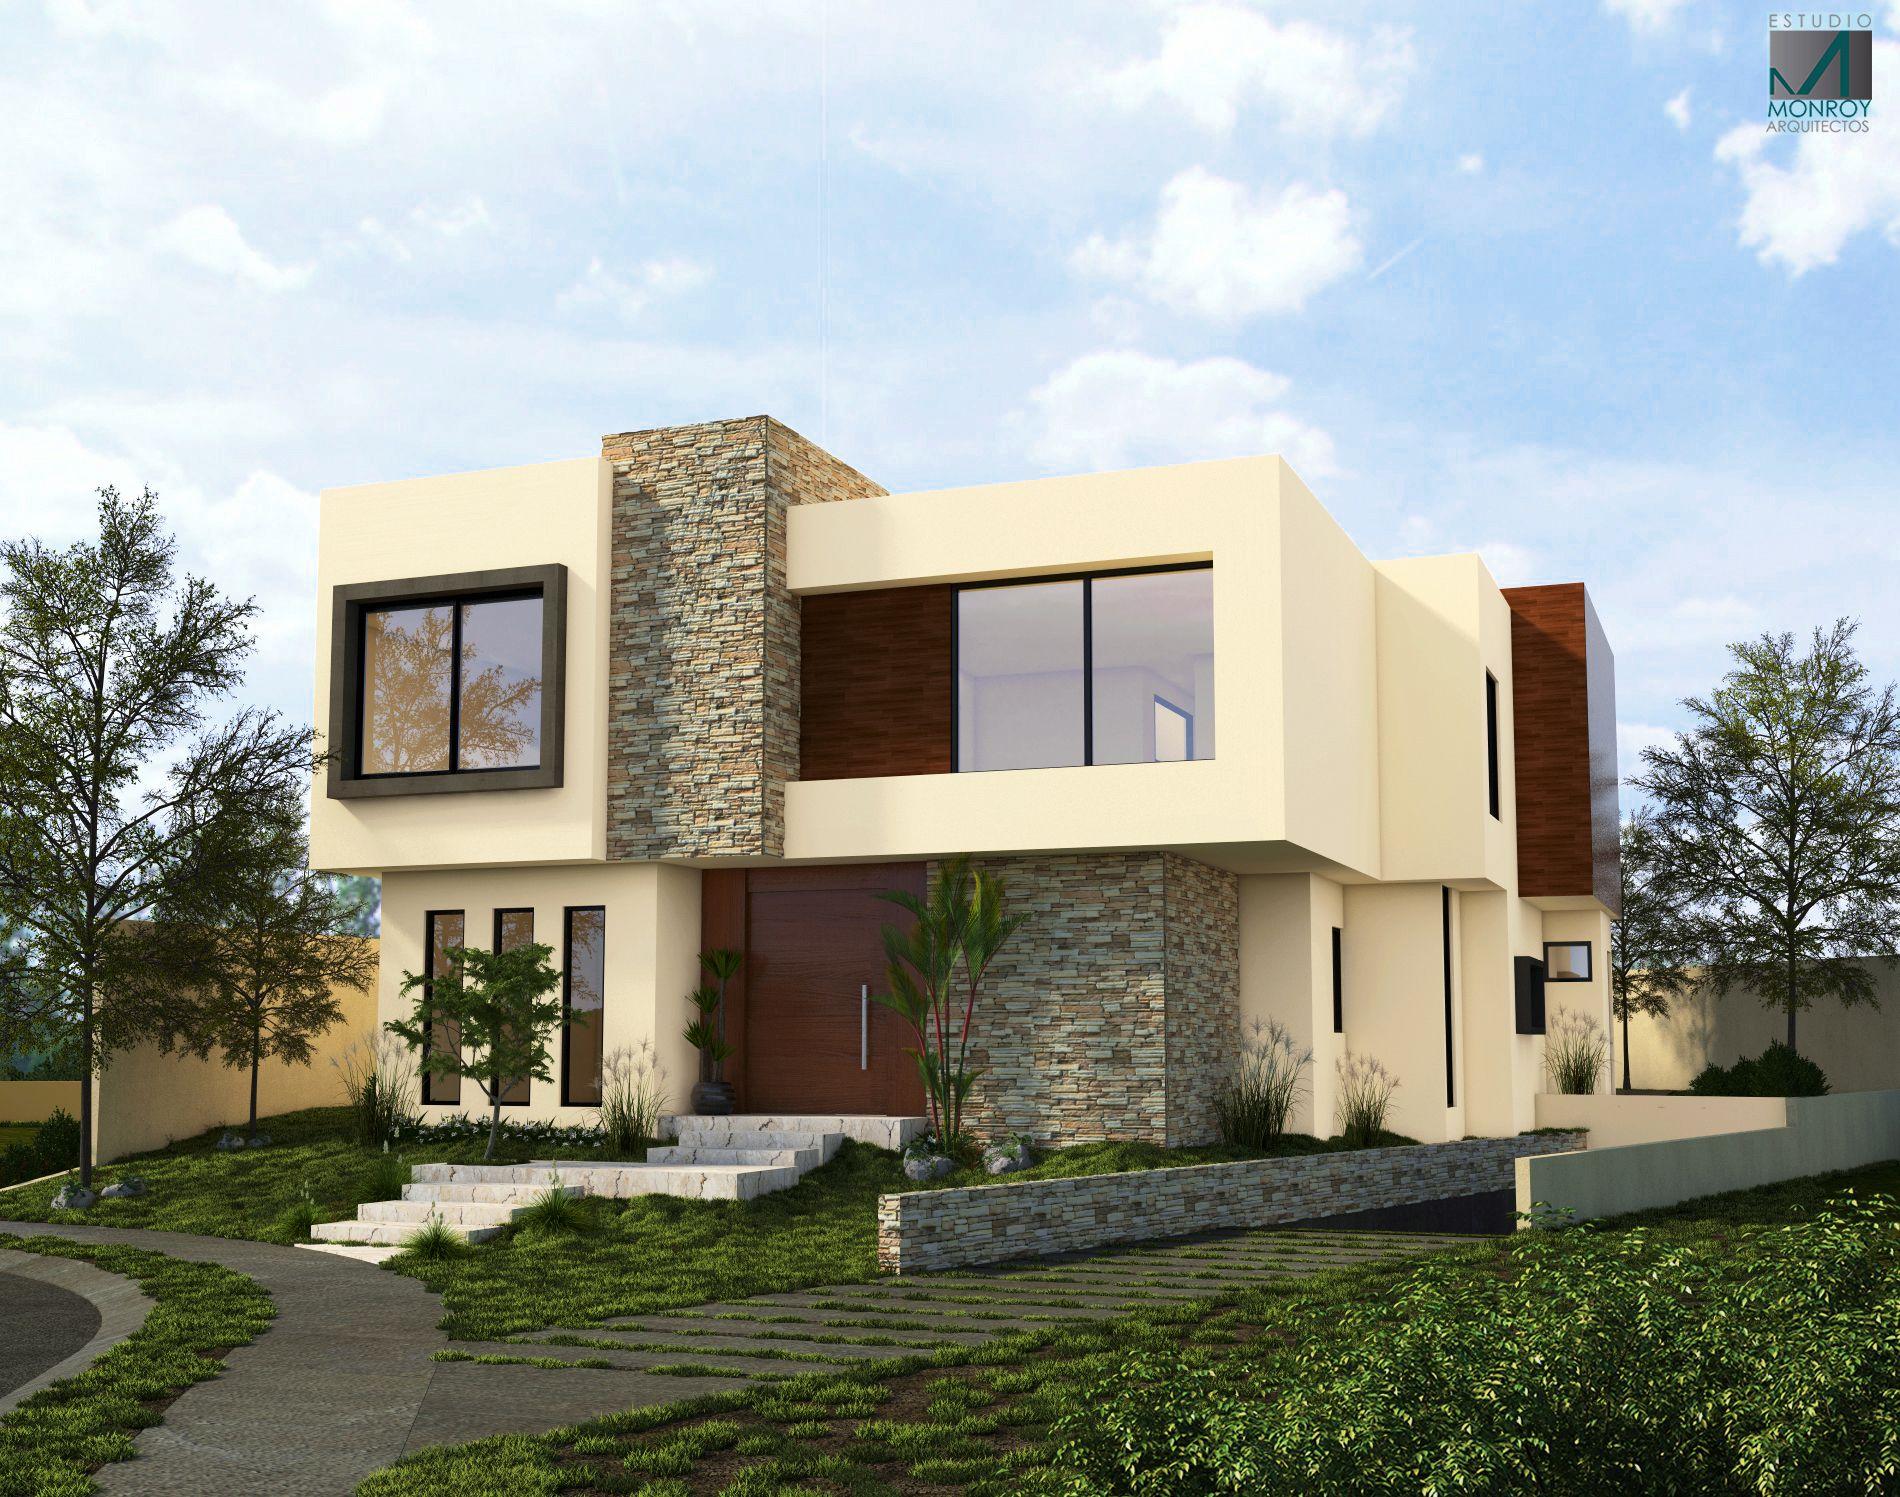 Residencia contemporanea fachada casa residencial pa 08 for Arquitectura contemporanea casas